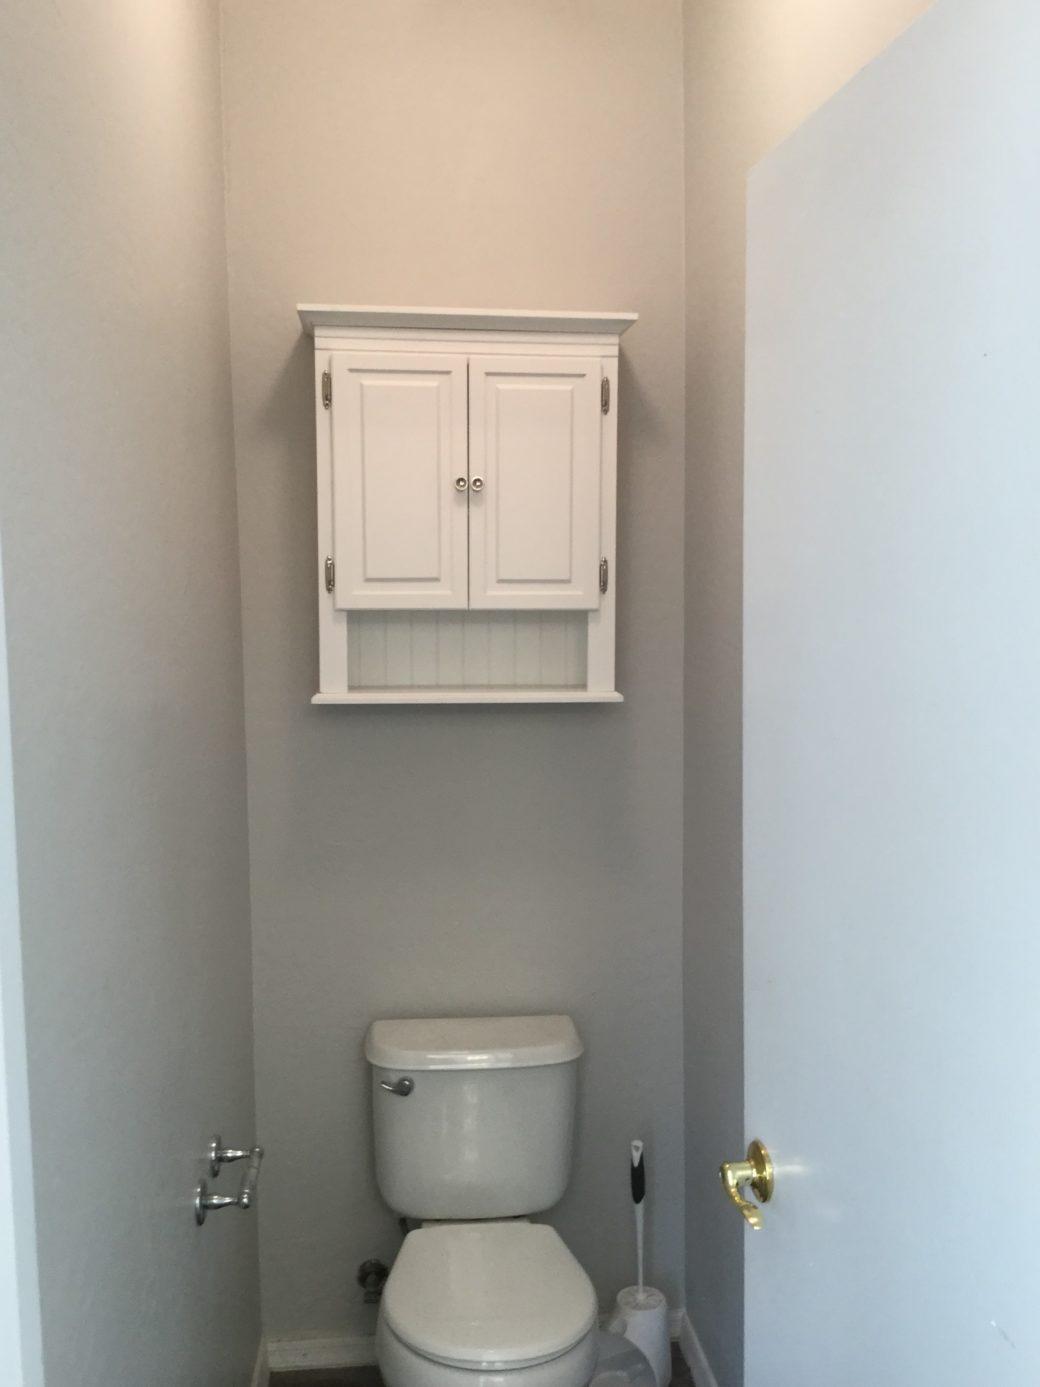 MB toilet